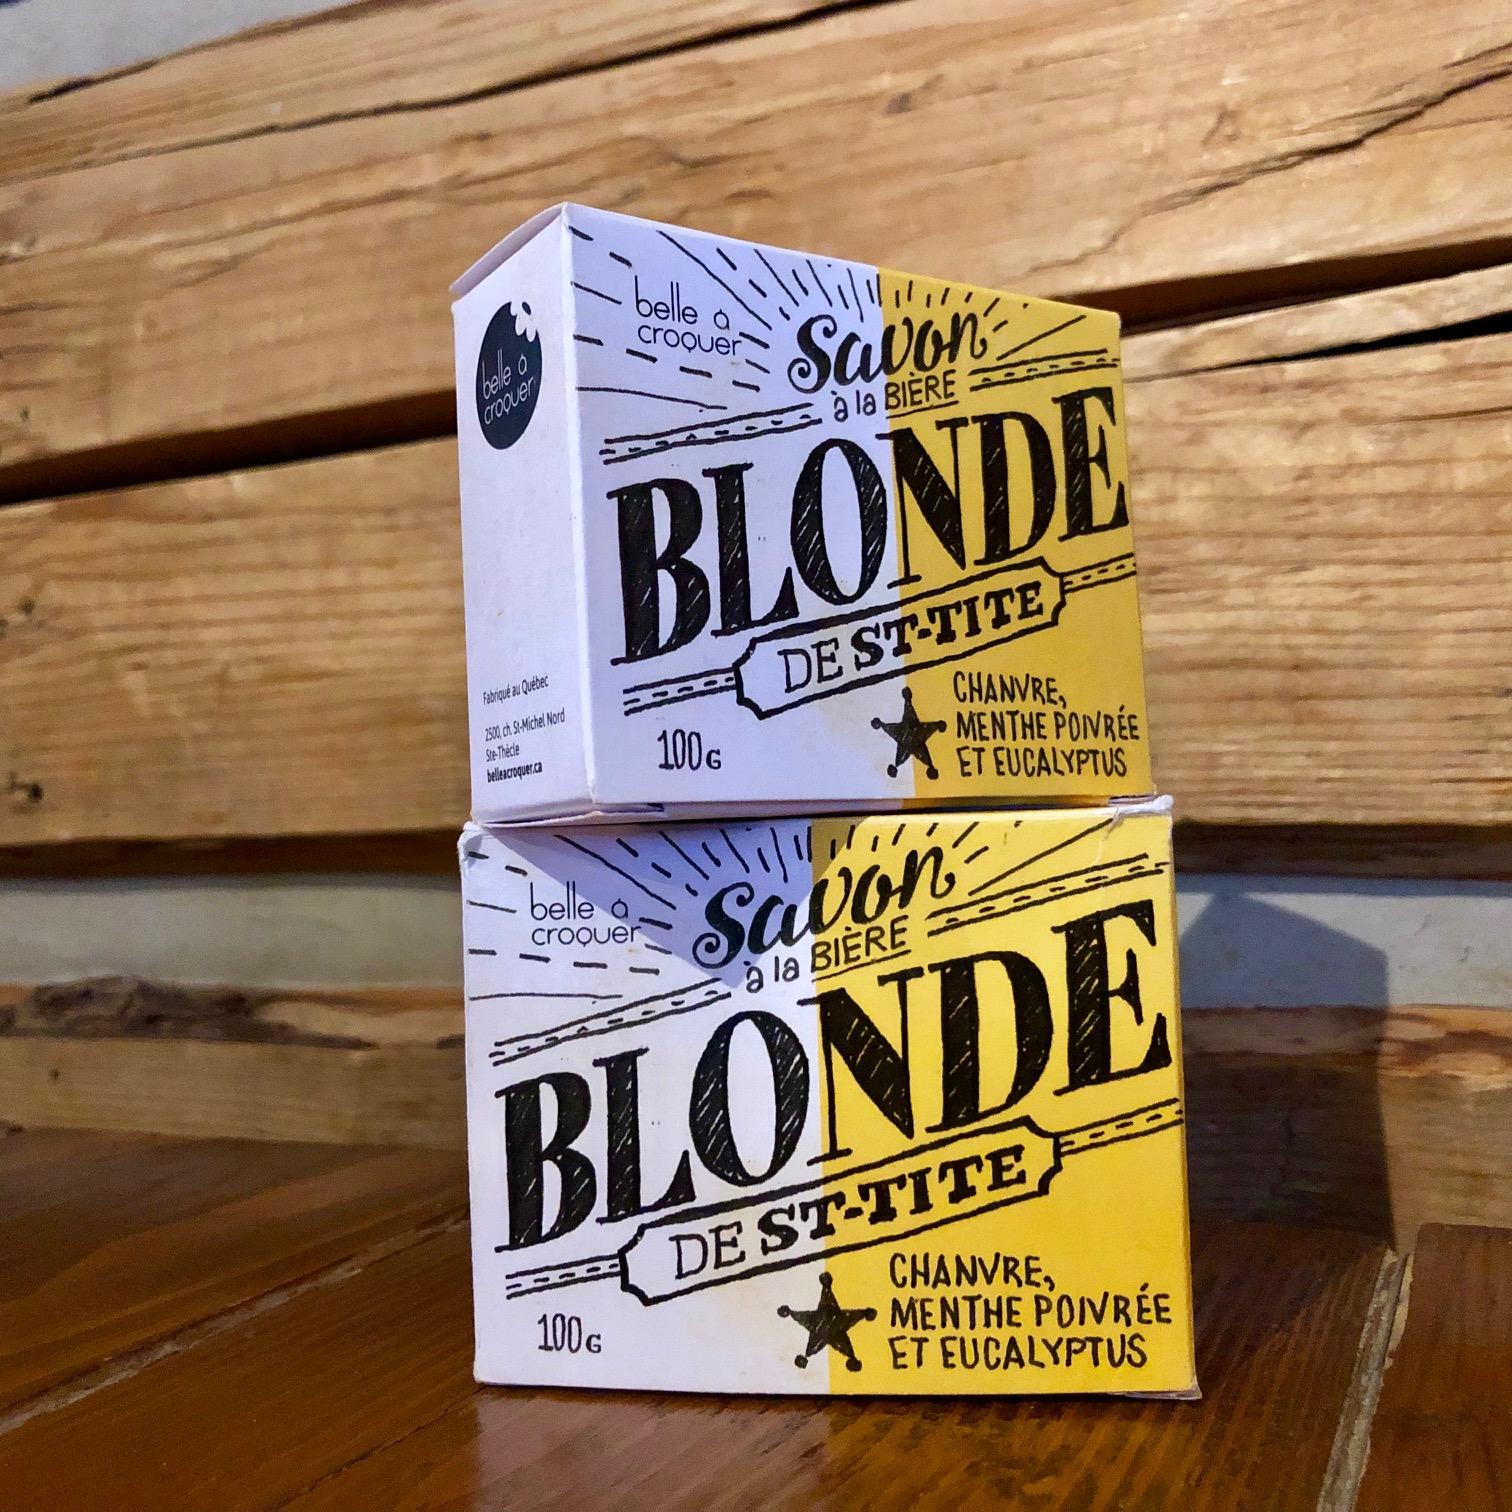 Savon Belle à croquer – Blonde de St-Tite